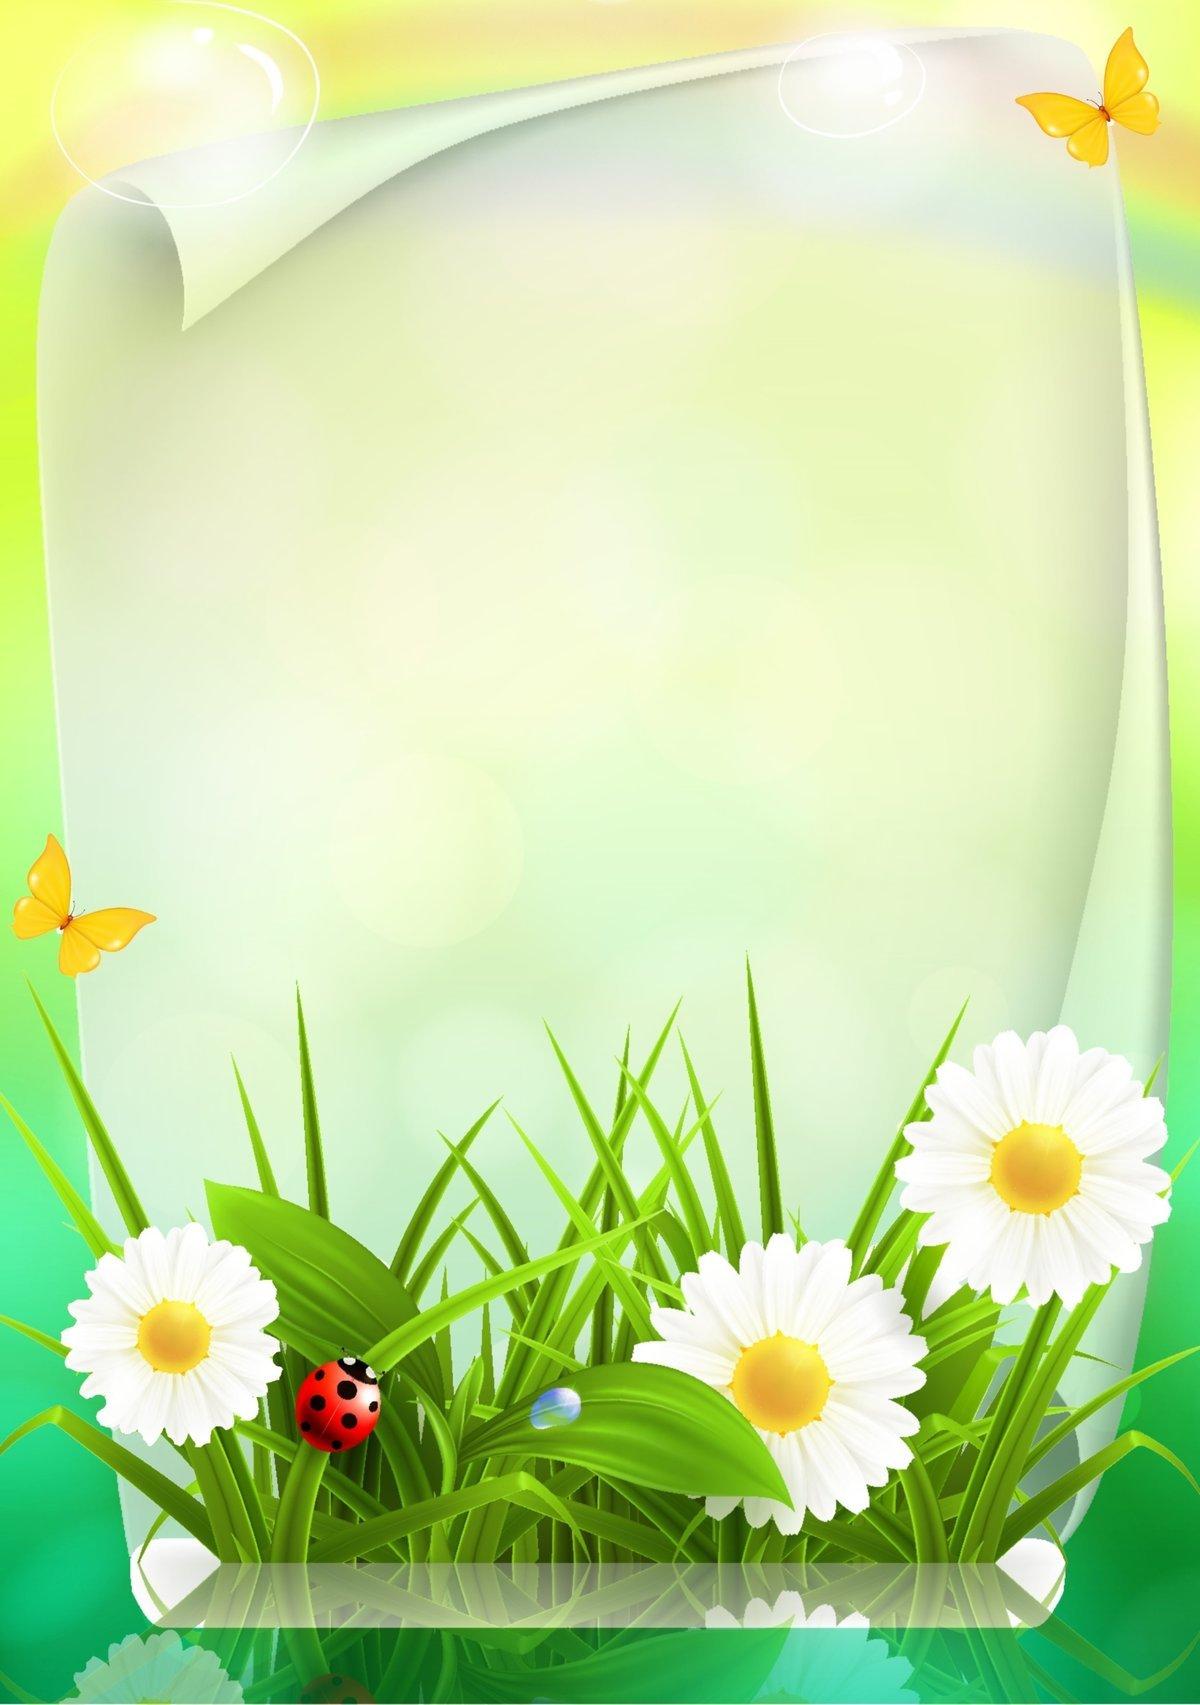 несколько красивые цветы картинки для портфолио помощью плоттера, радостью